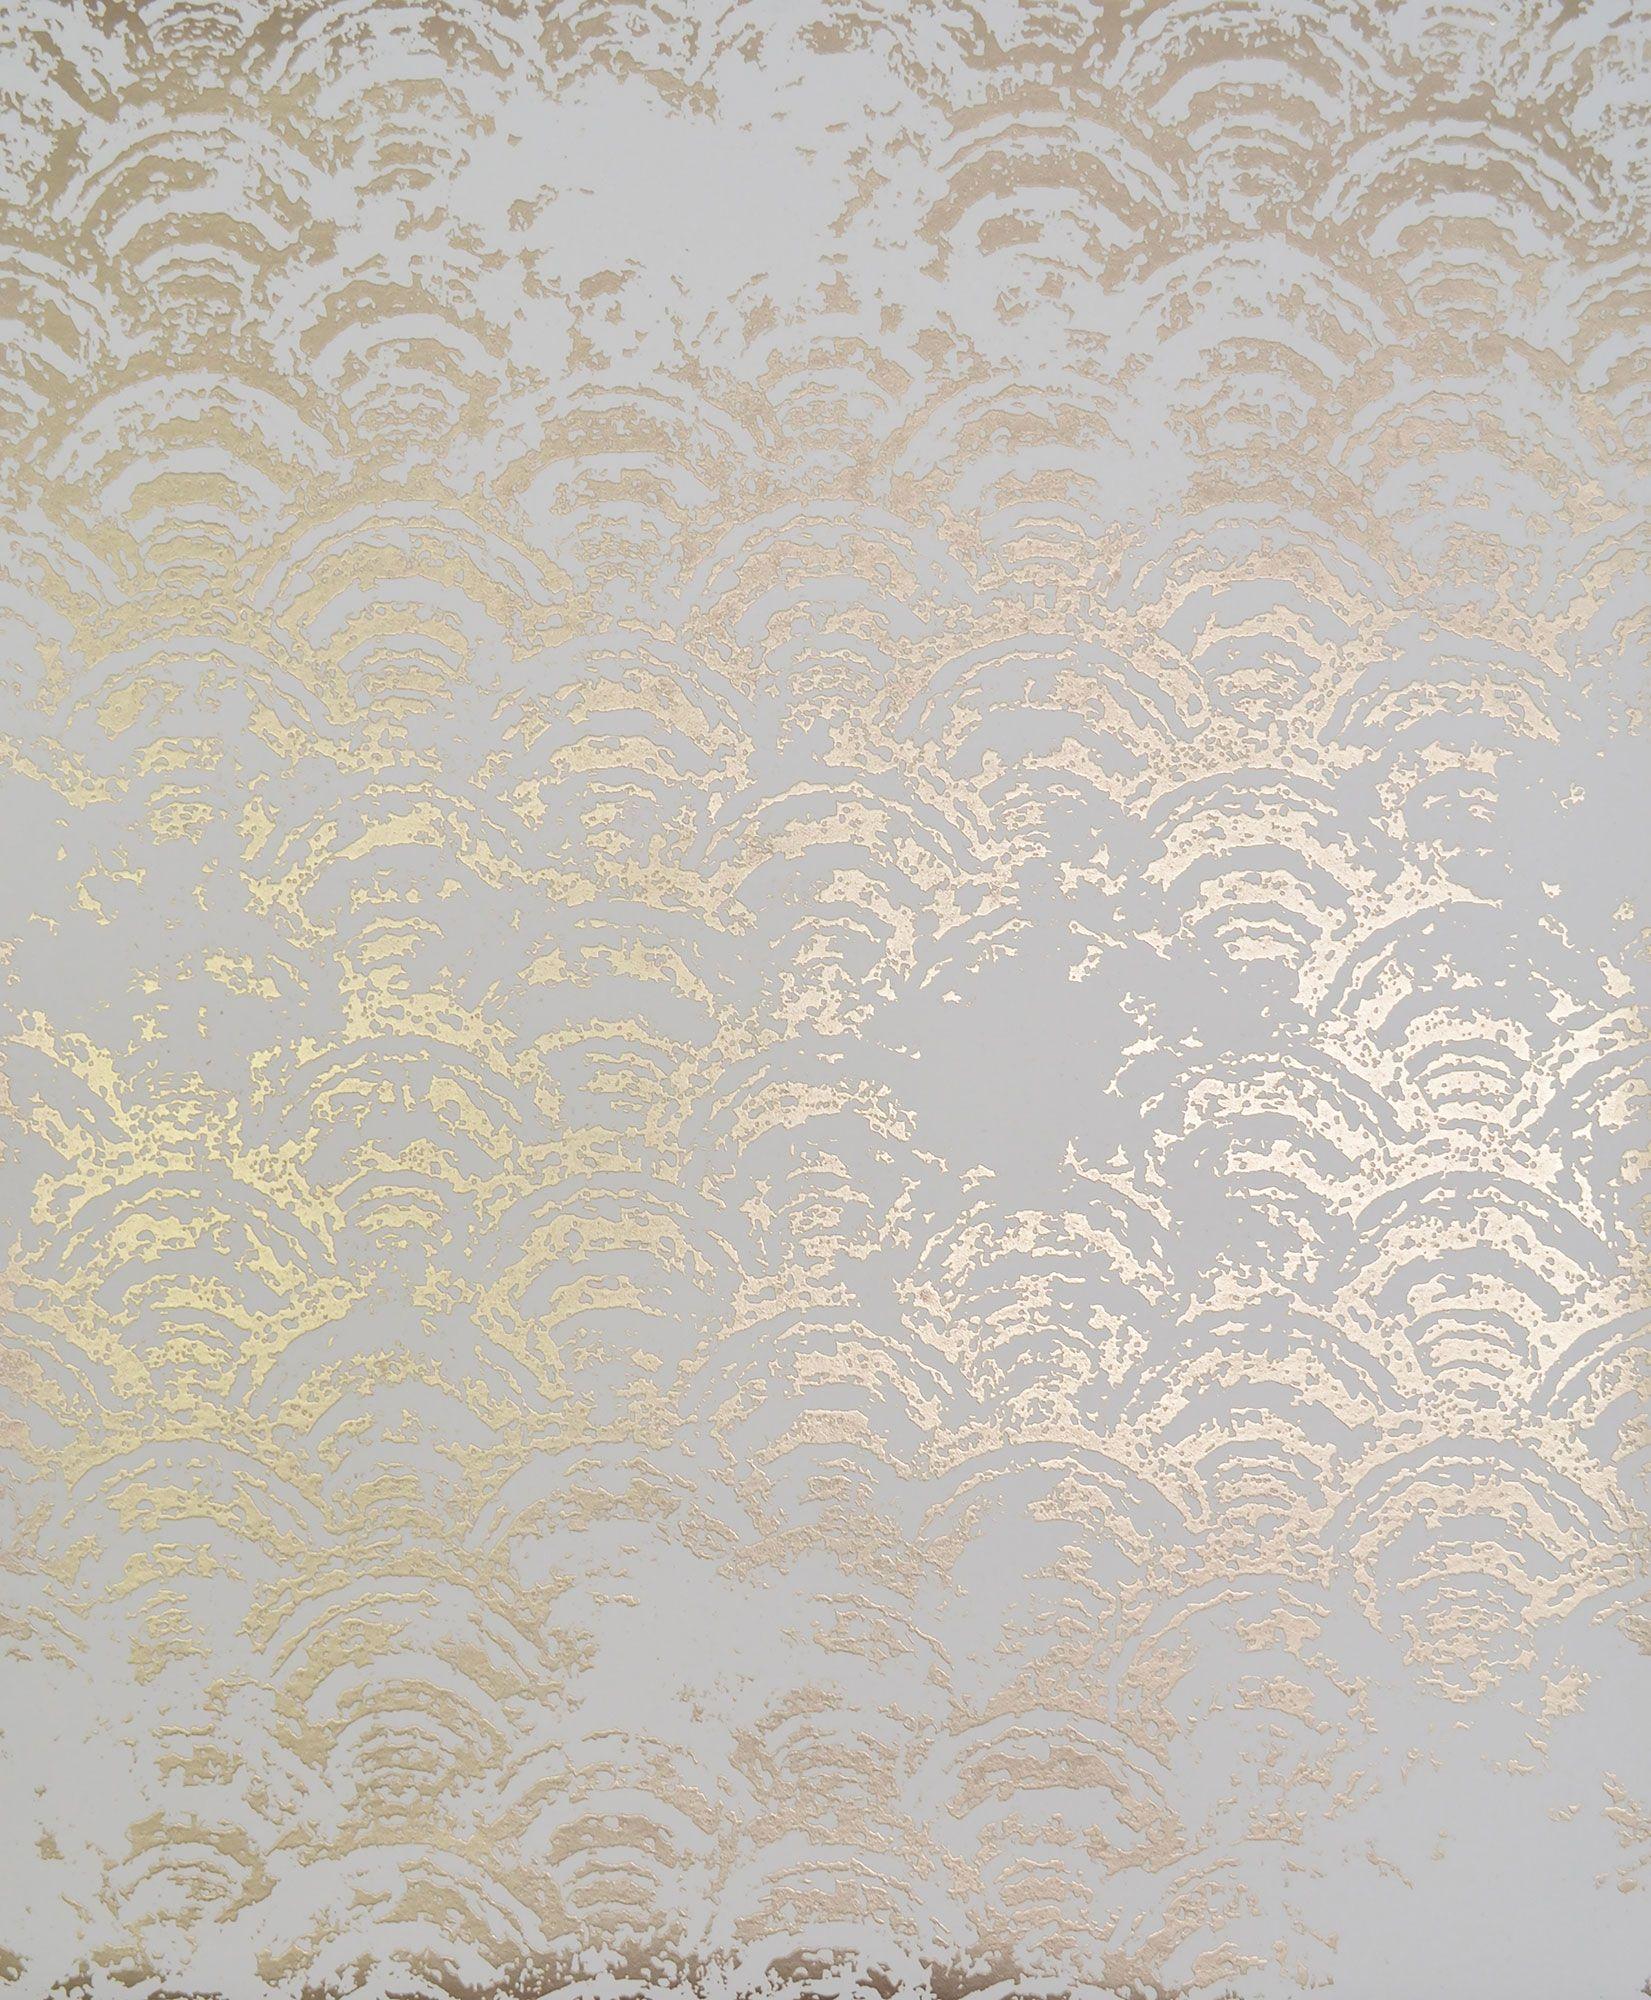 Antonina Vella Eclipse Wallpaper White Gold White And Gold Wallpaper Metallic Wallpaper Gold Wallpaper